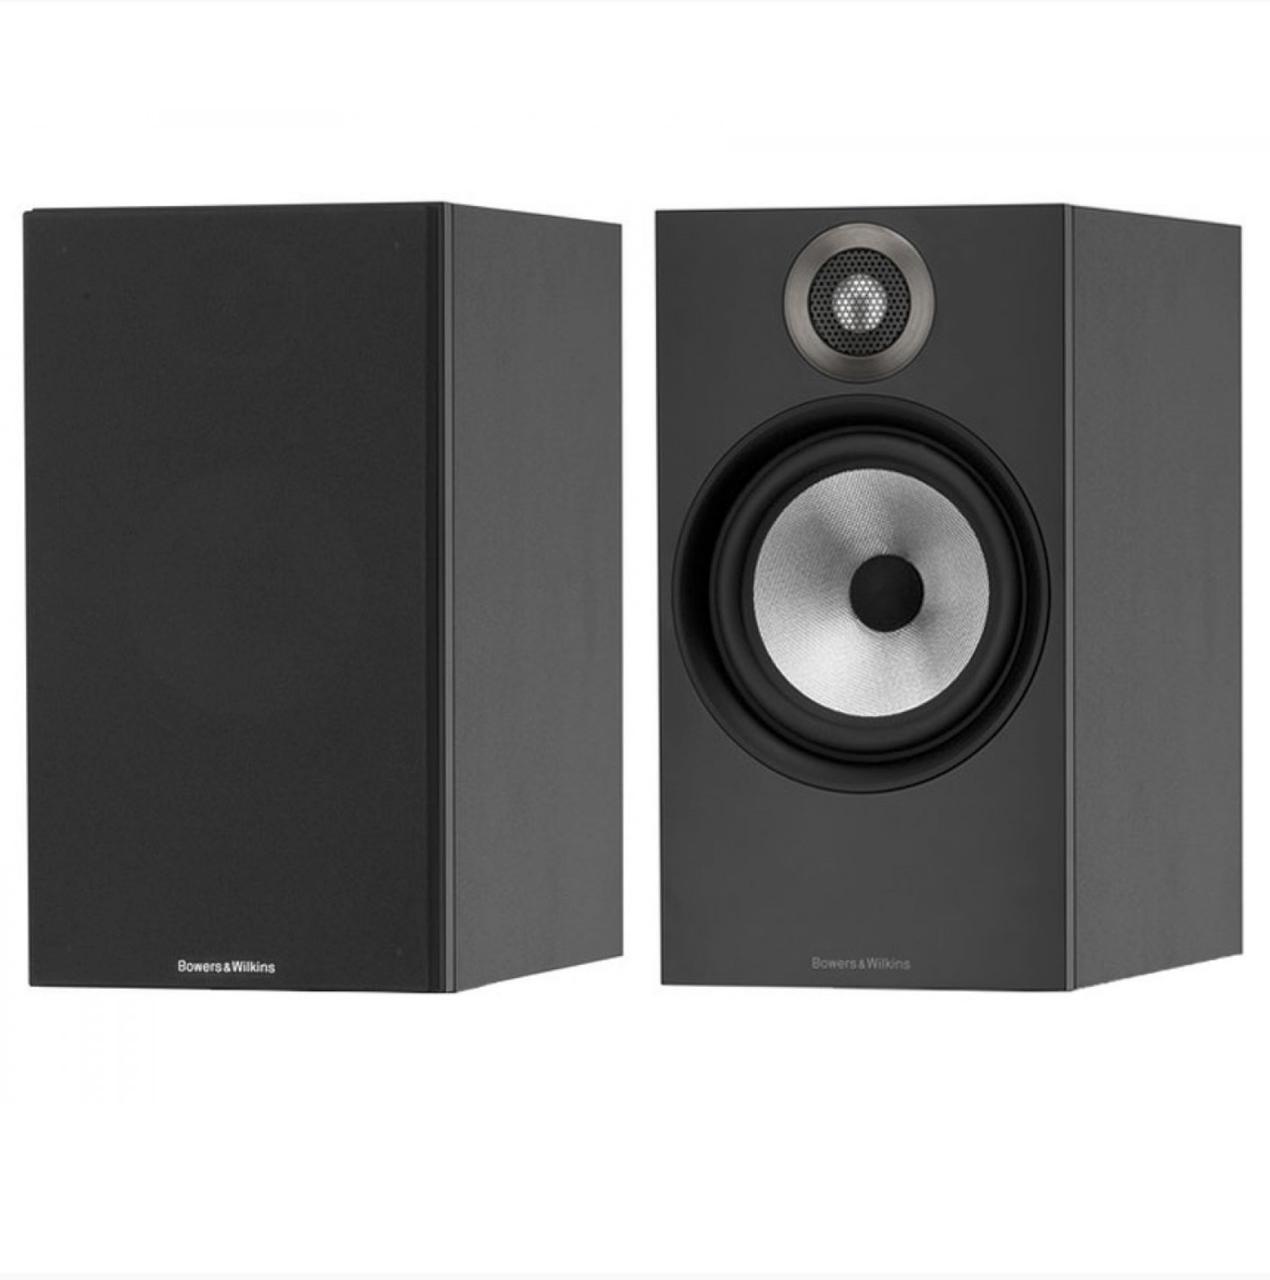 Caixa acústica Bowers & Wilkins 607 ( Par - Preto )